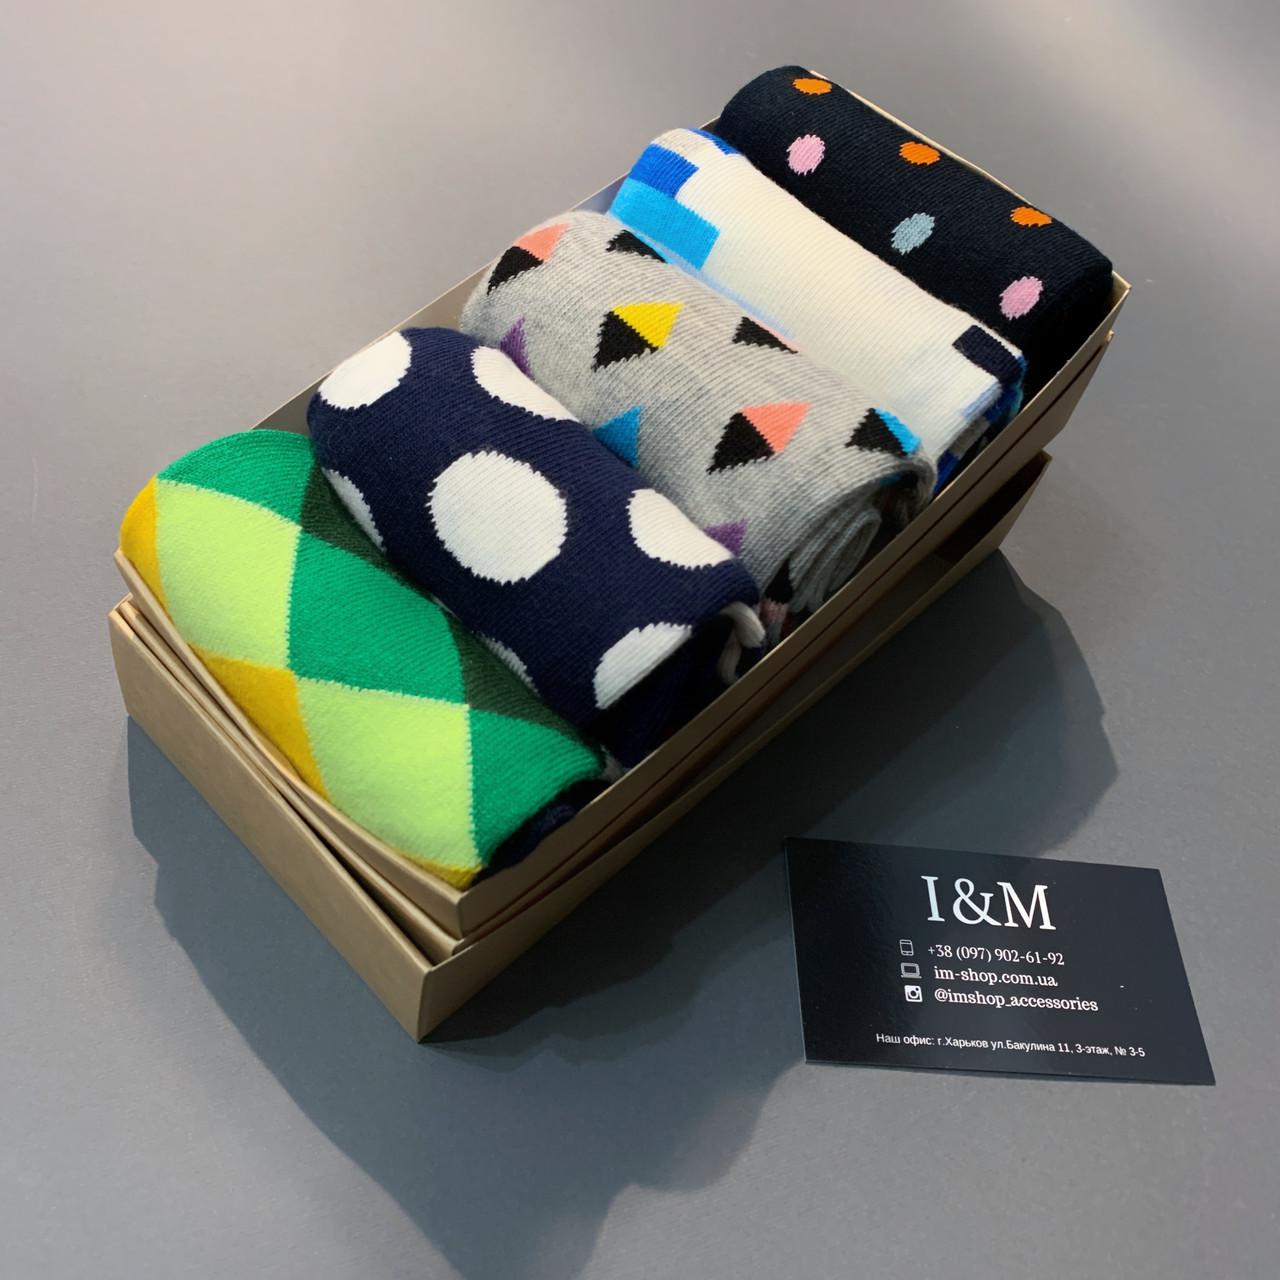 Набір шкарпеток I&M Craft з 5-ти пар (070298)